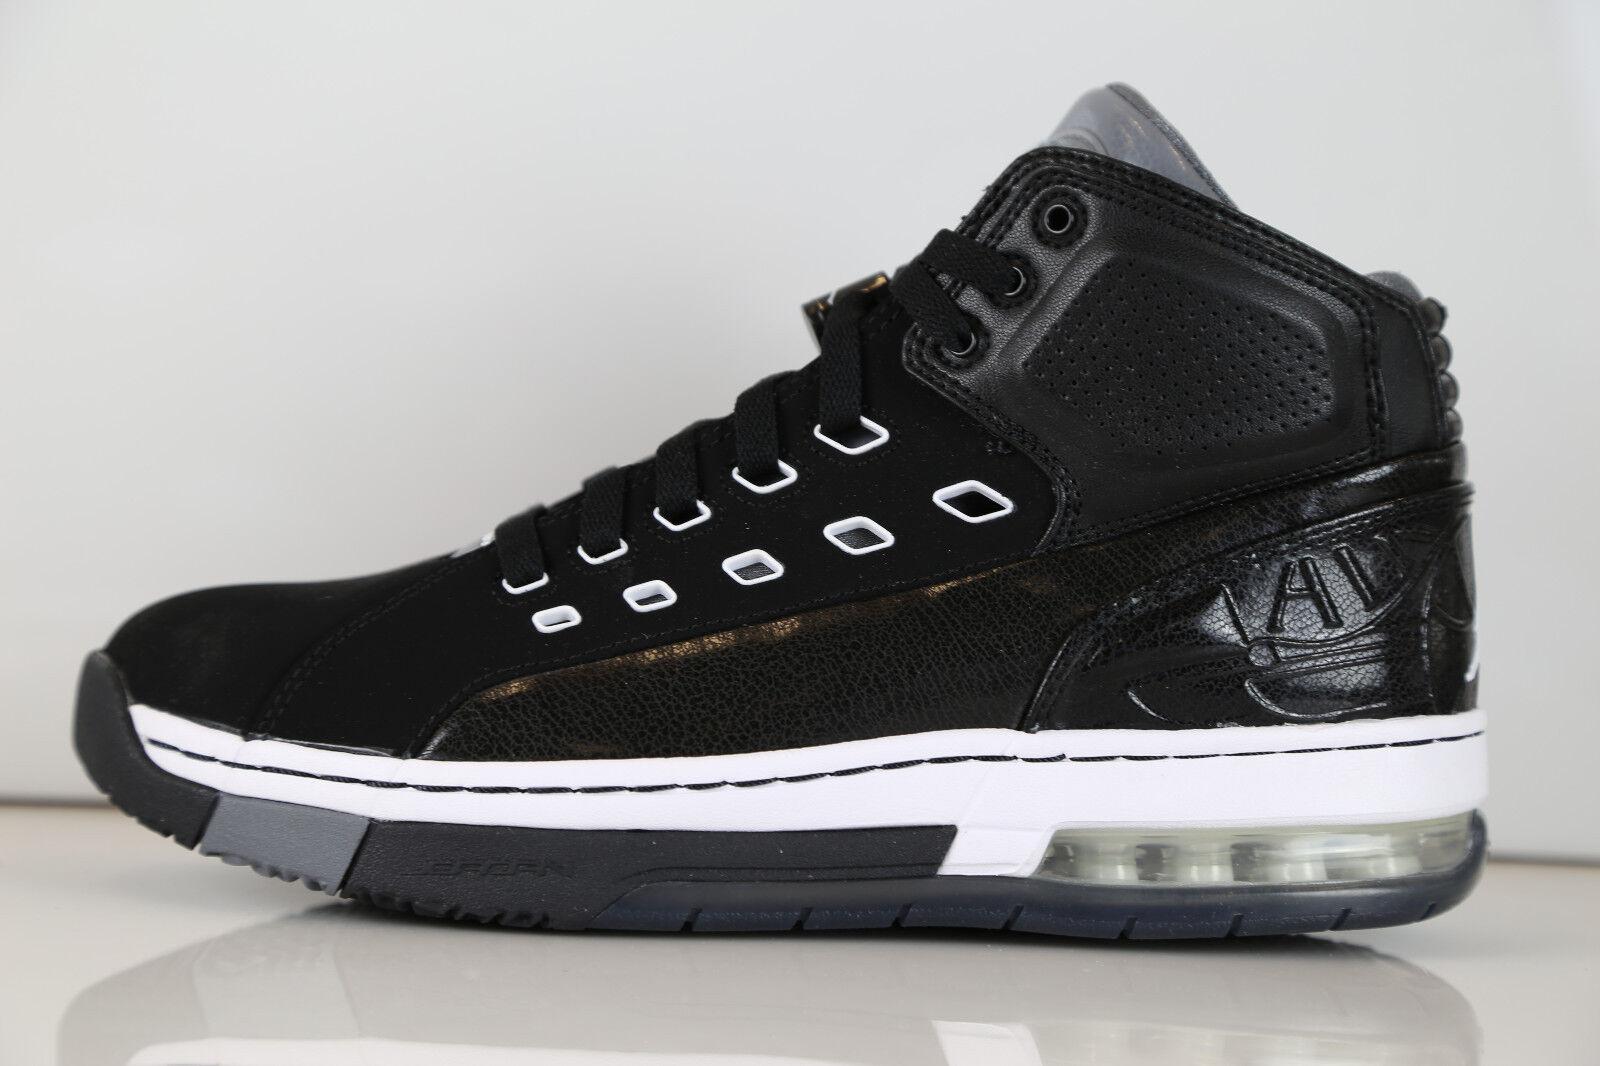 Nike Air blanc Jordan Ol' School noir blanc Air Cool  Gris  317223-013 8-14 1 retro 3 11 4 72e4e2